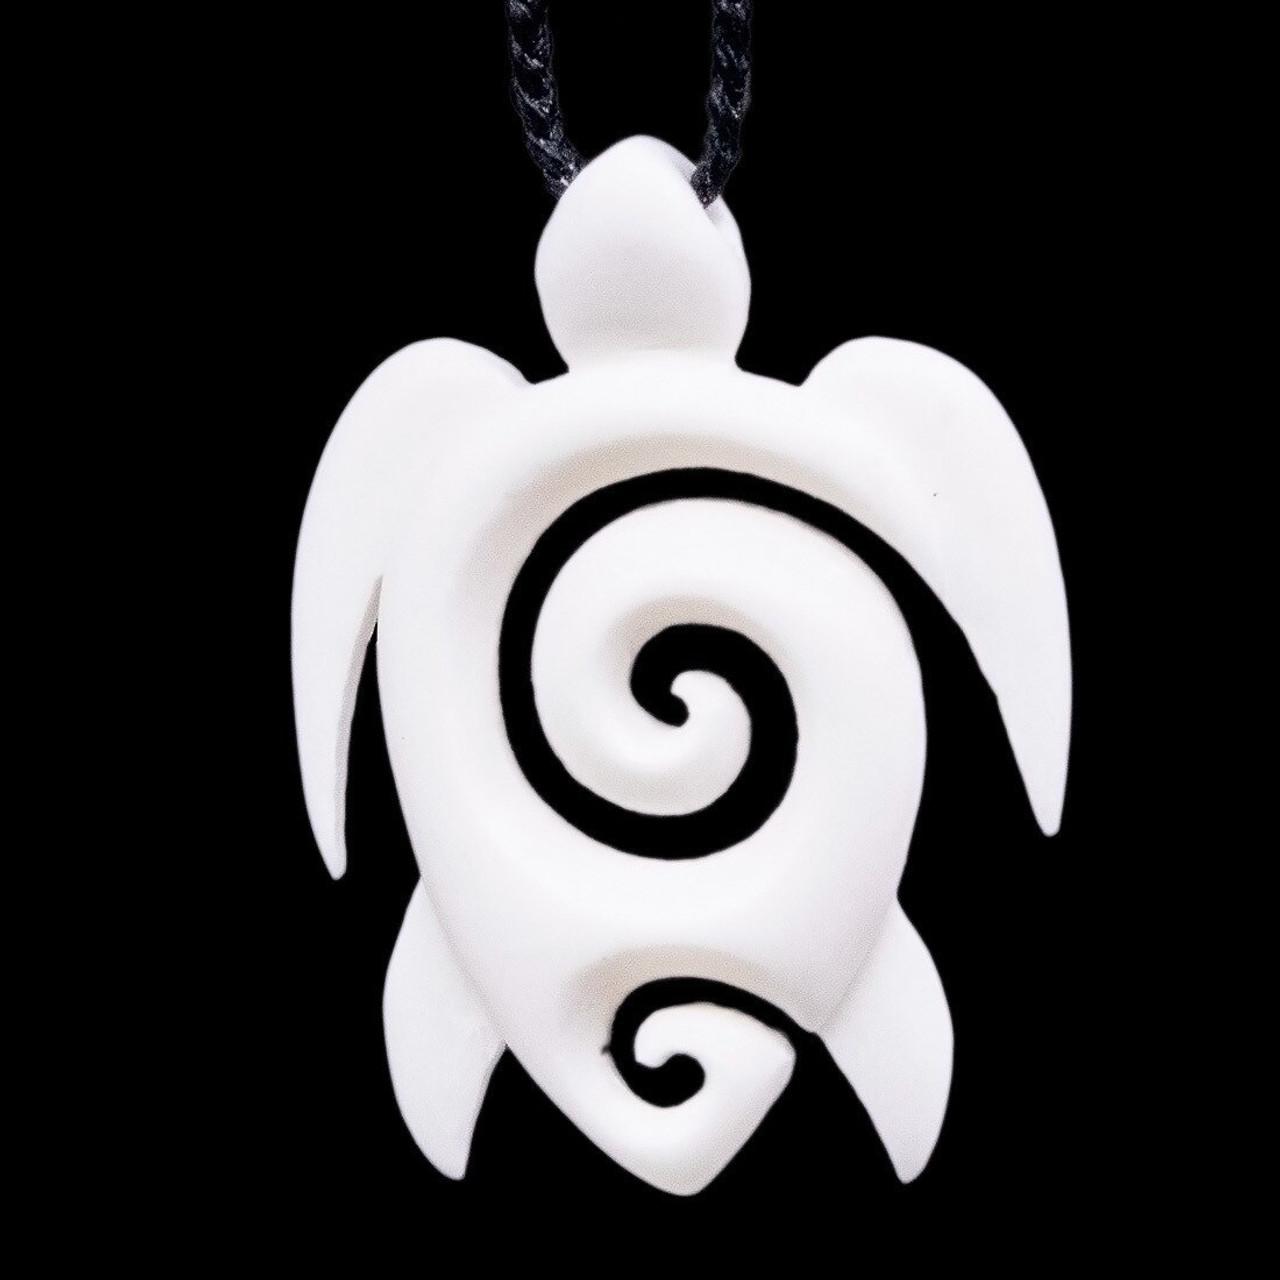 Hand Carved Bone Stylized Sea Turtle Necklace With Maori Koru Wbkt4733n